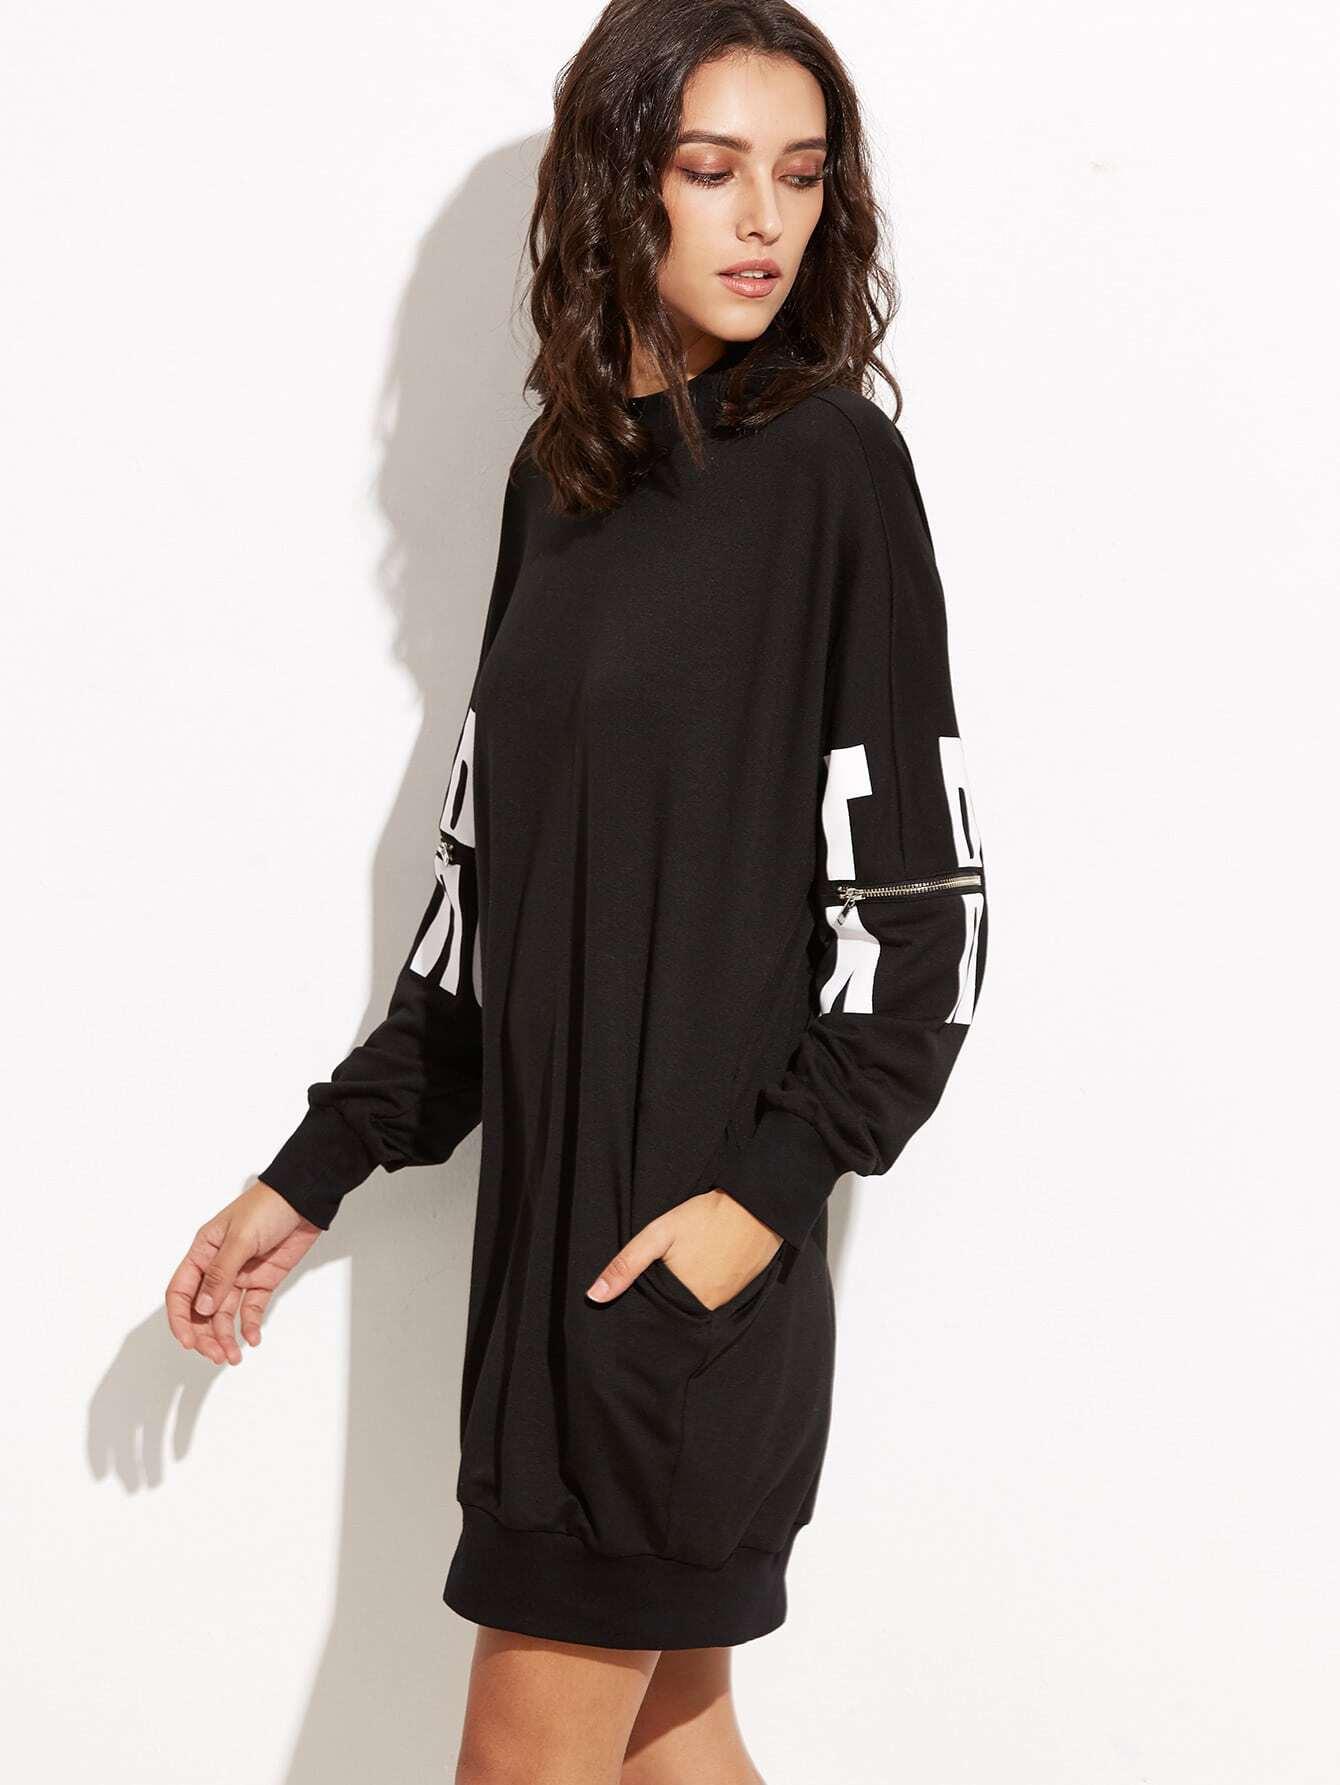 dress160912708_2